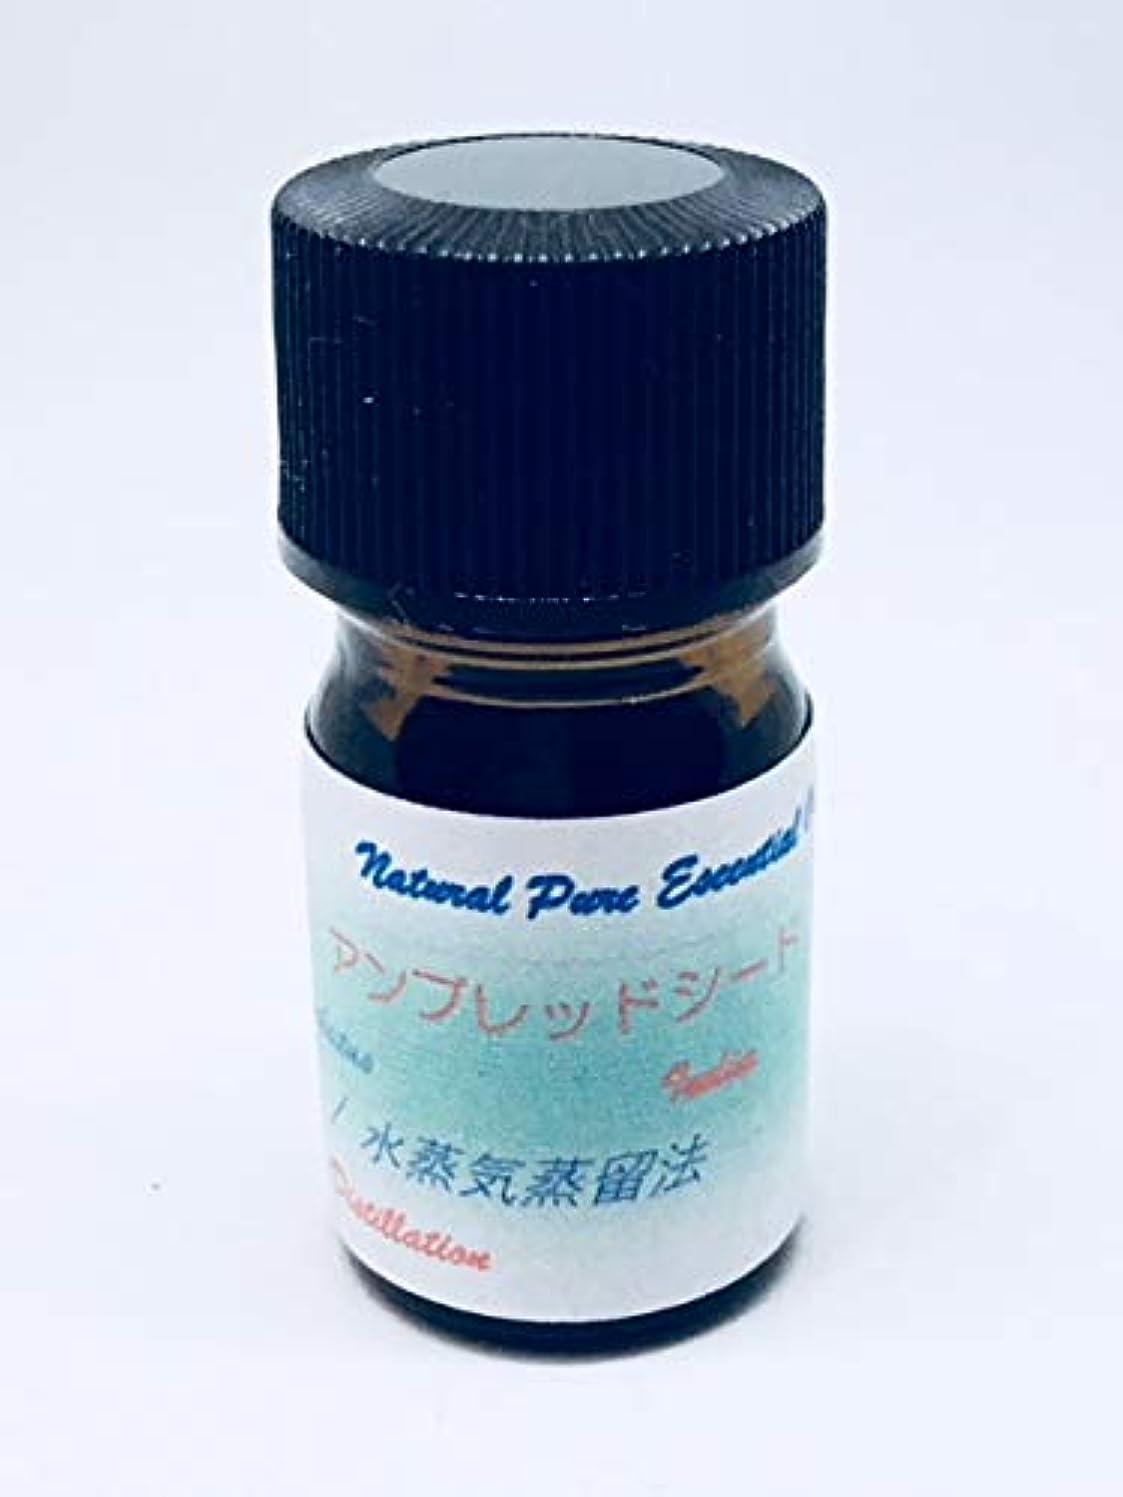 トリム東協力的アンブレッドシード(植物性ムスク)精油 10ml100%ピュアエッセンシャル